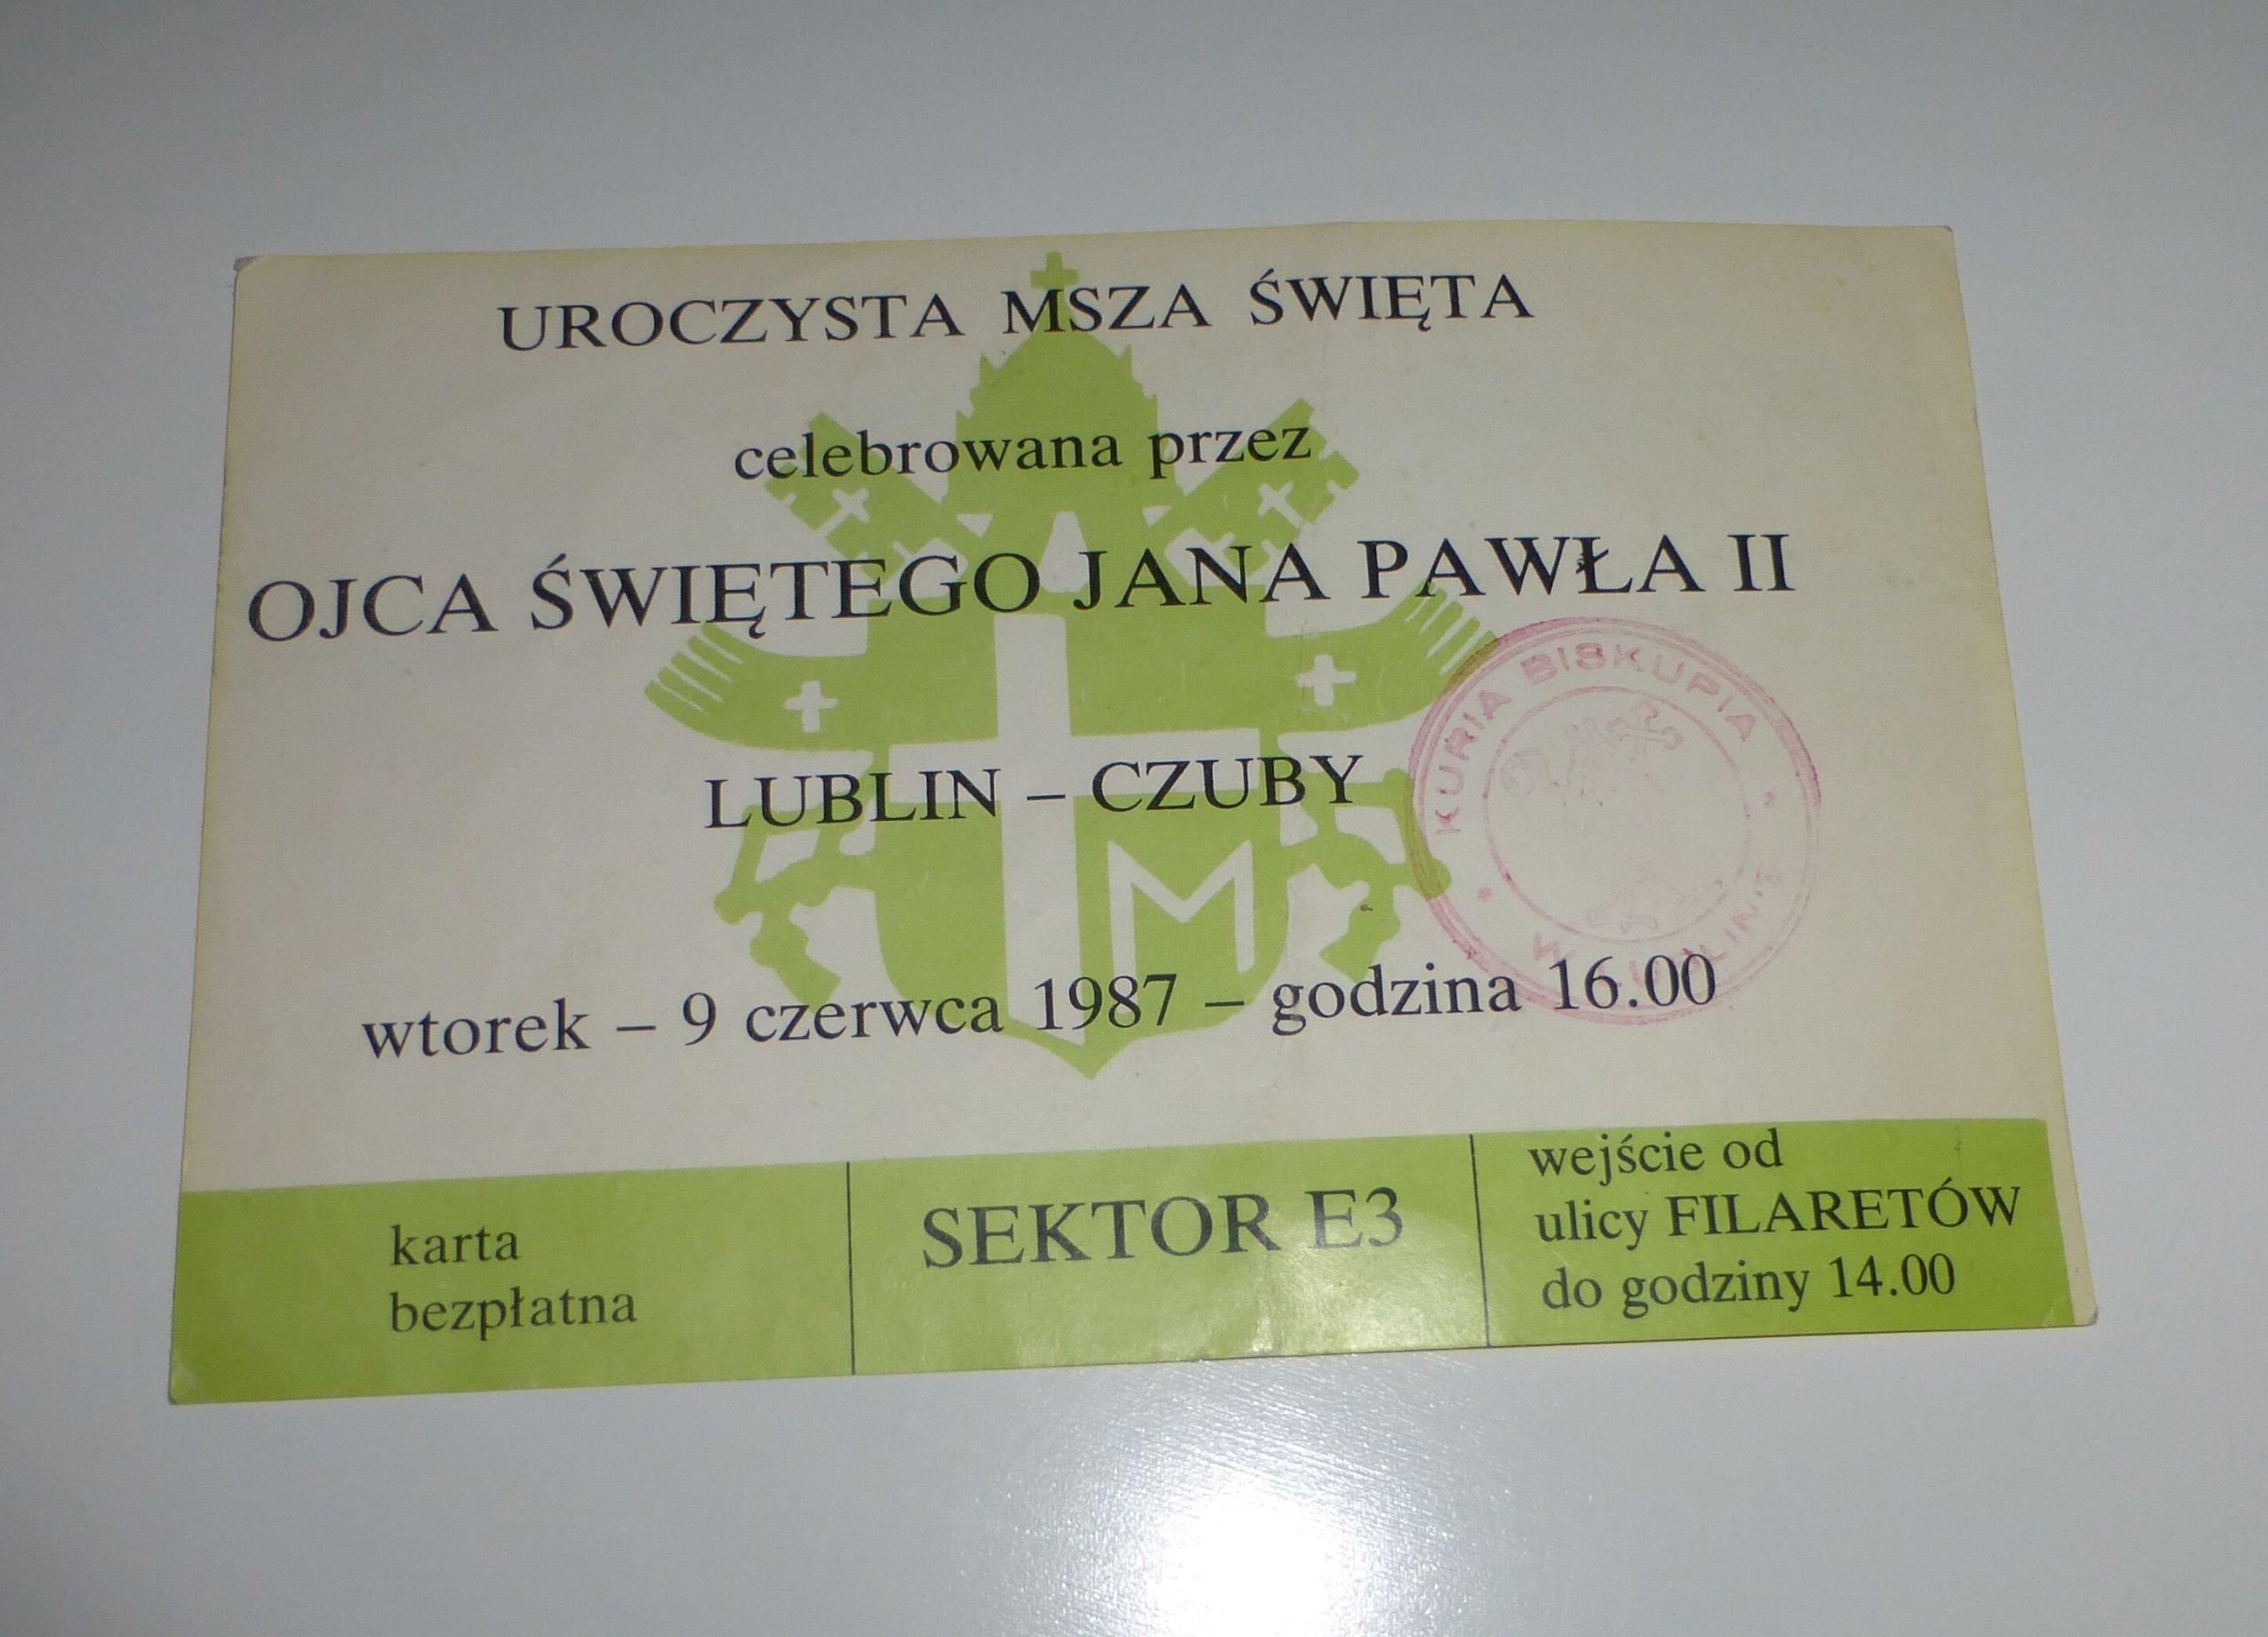 Msza Zaproszenie Jan Paweł Ii Lublin Sektor E 1987 7227467460